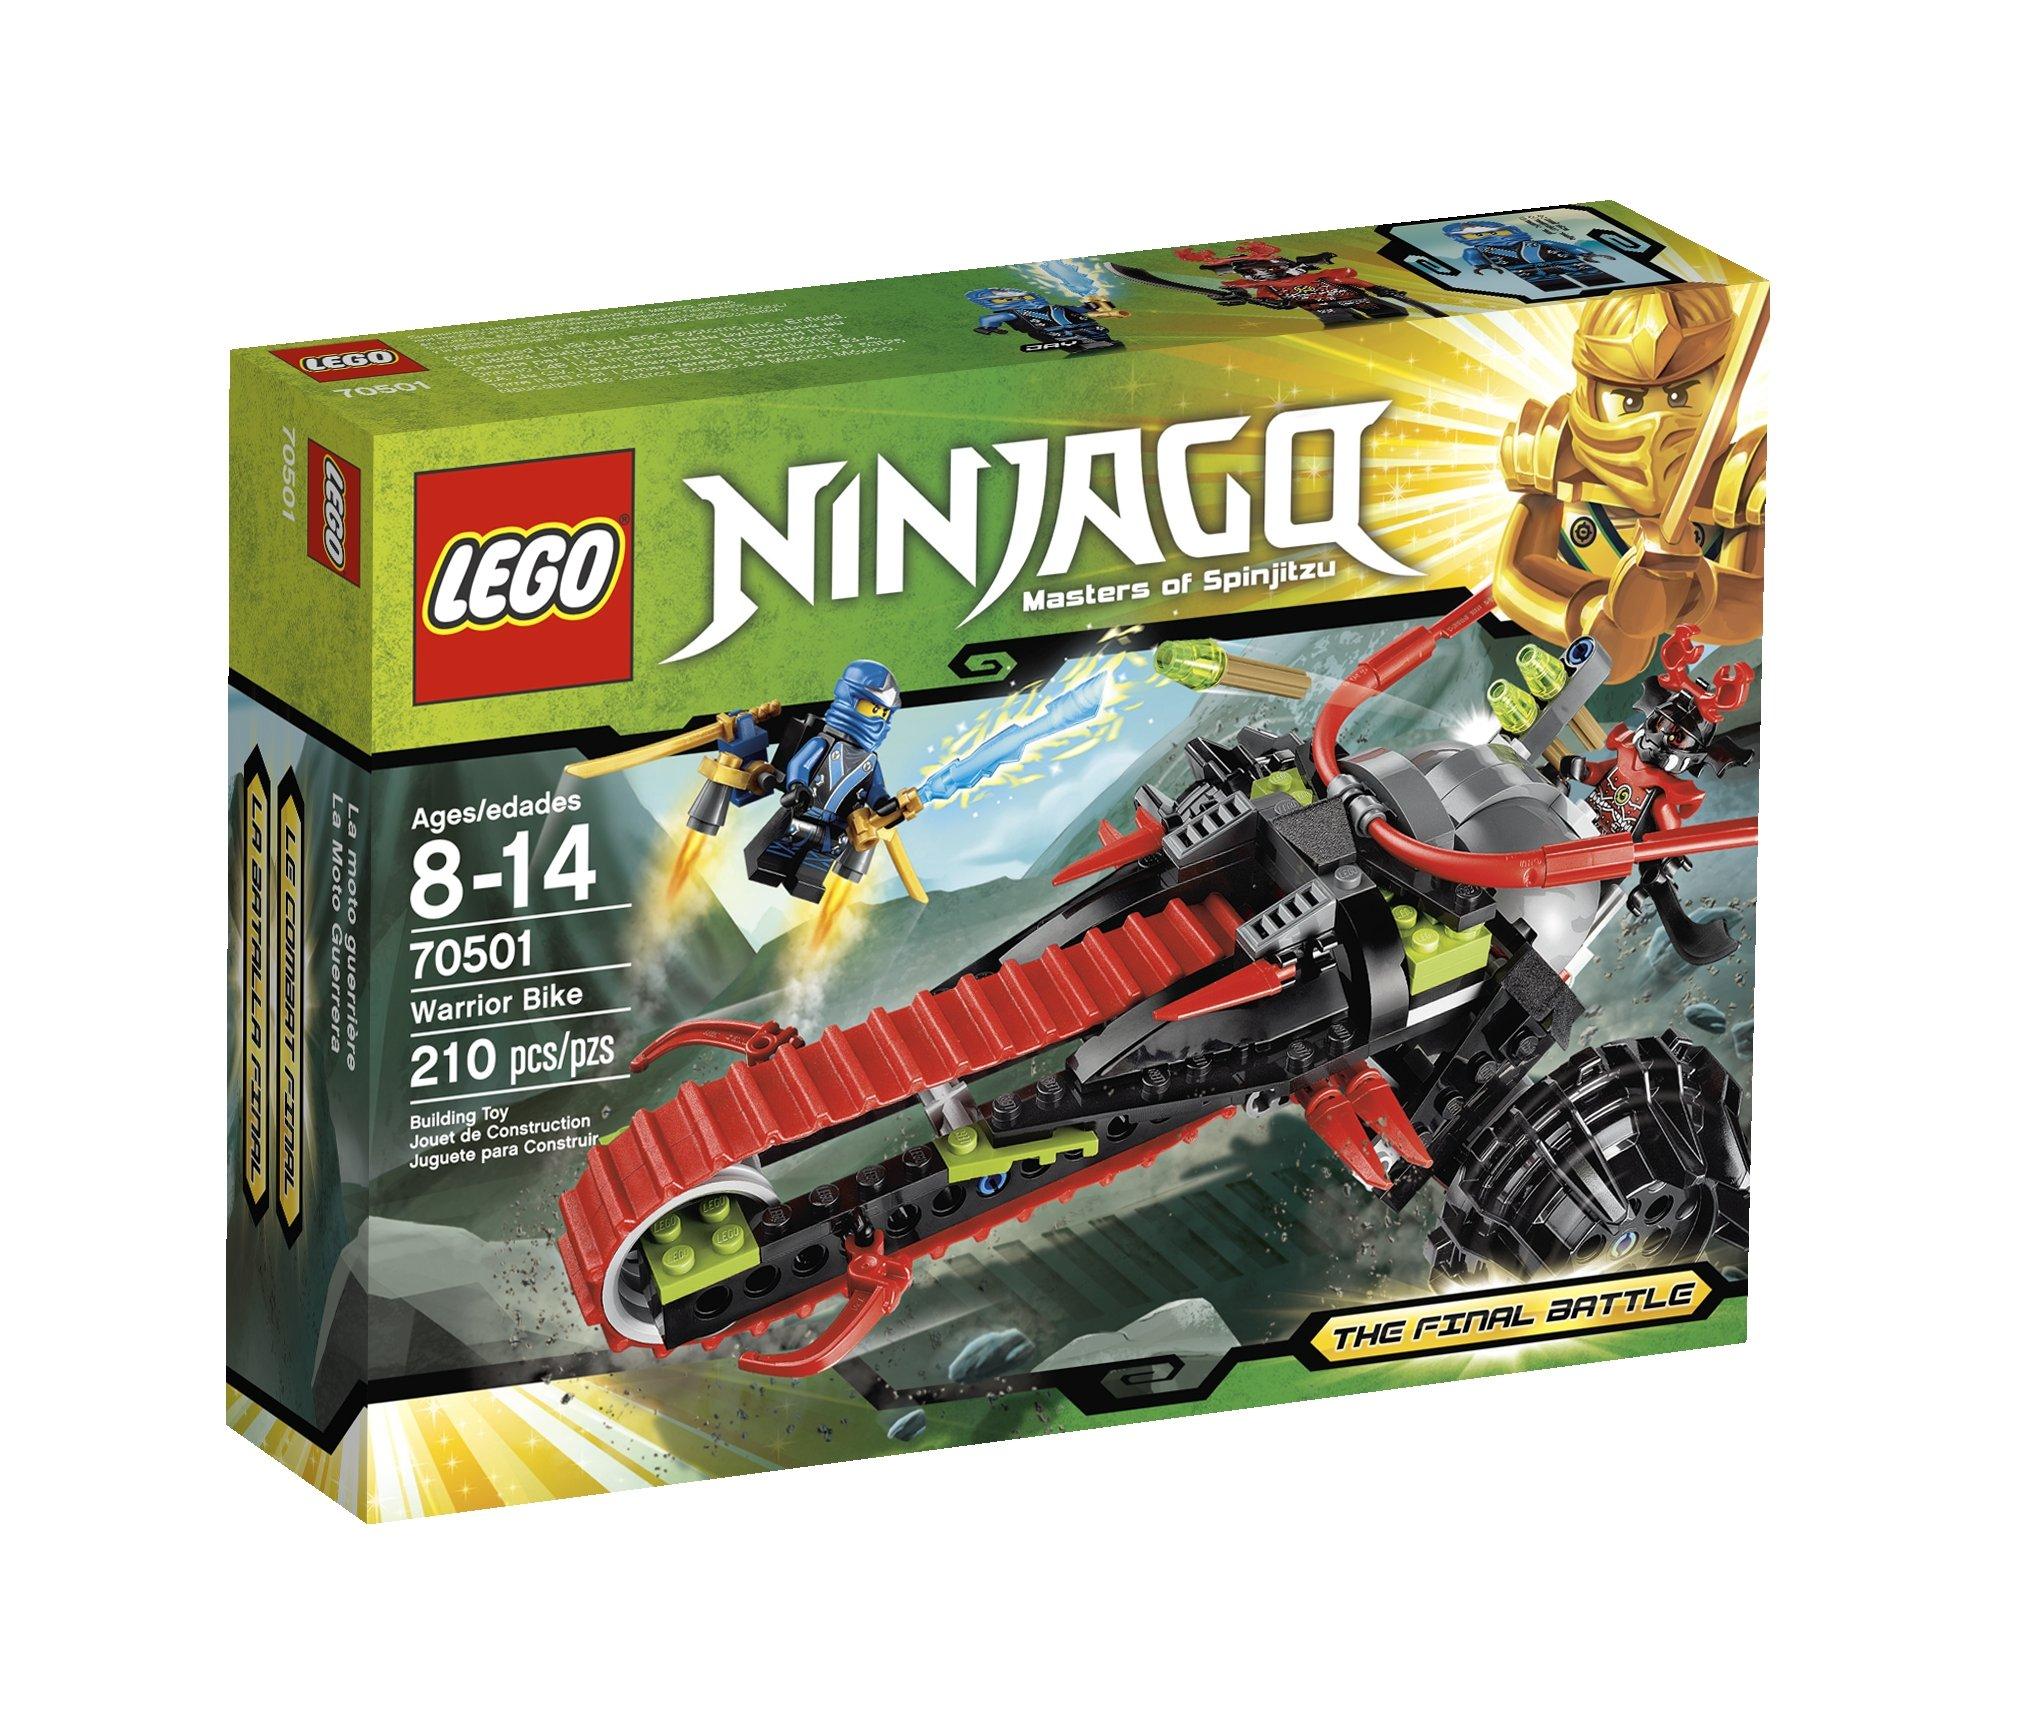 LEGO Ninjago Warrior Bike (70501)